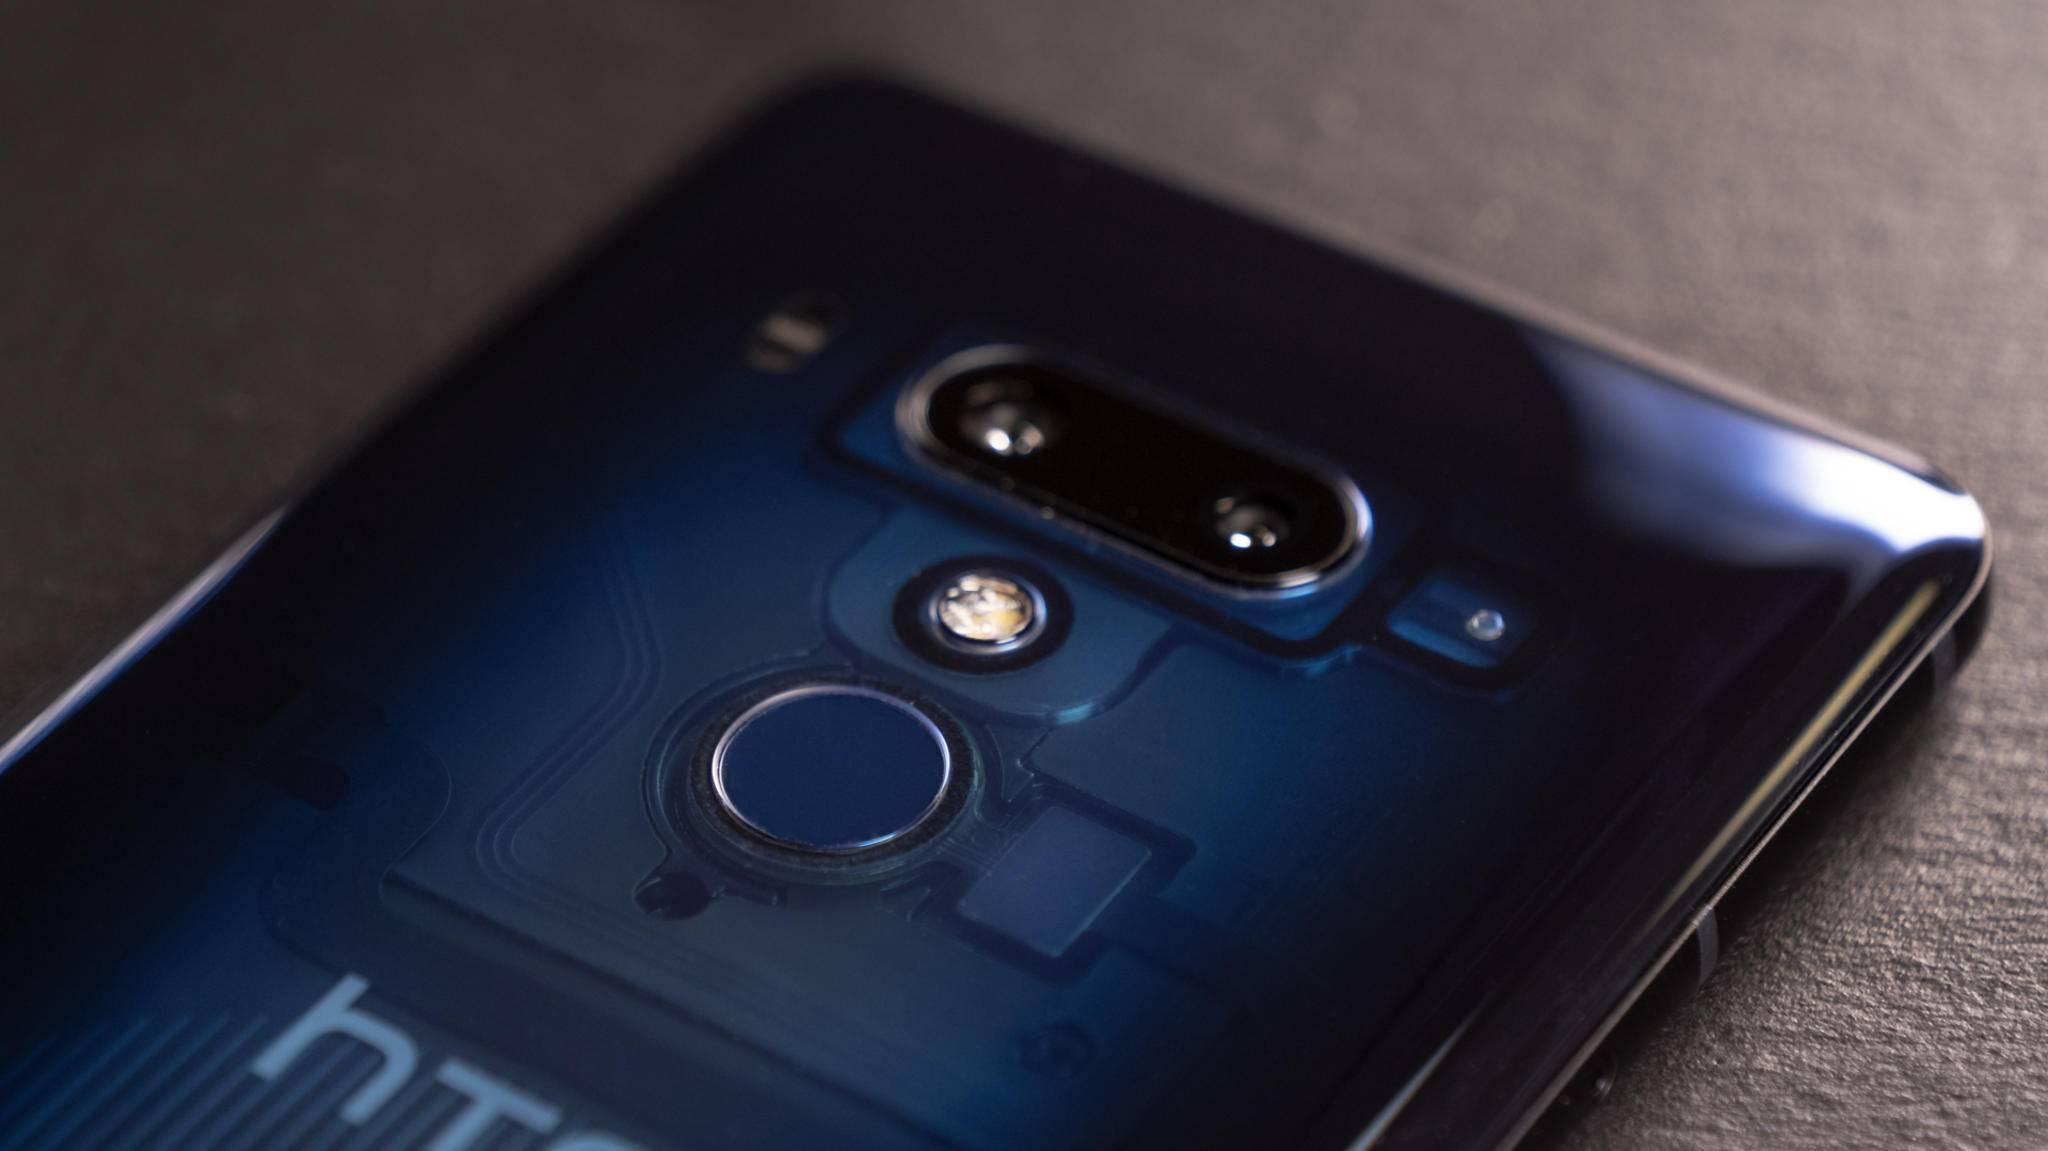 Schon bald dürften auch Android-Smartphones eine genauere Ortung ermöglichen.